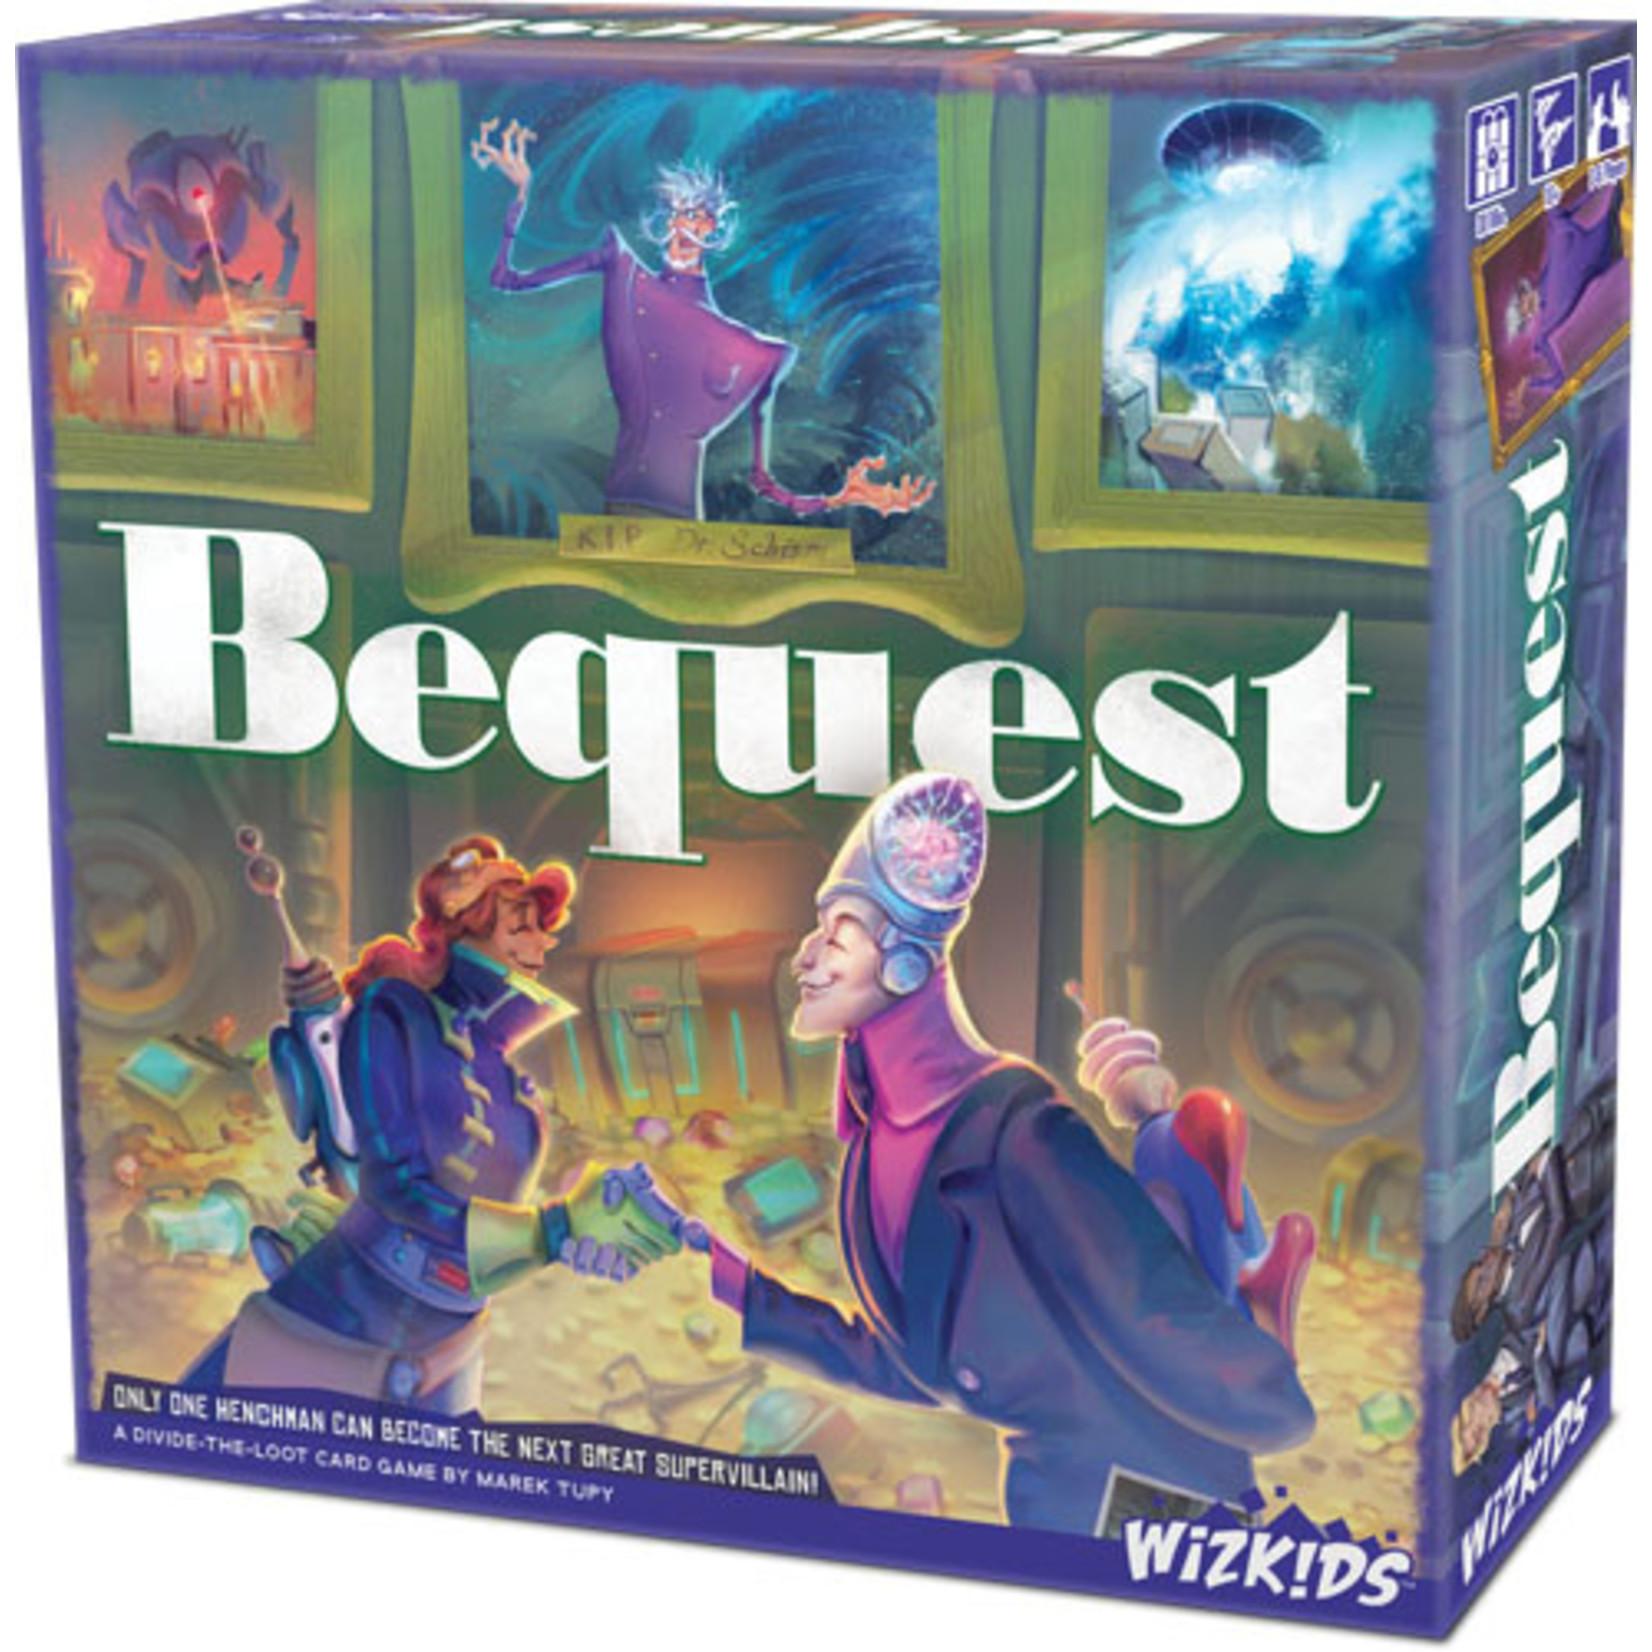 WIZKIDS/NECA Bequest